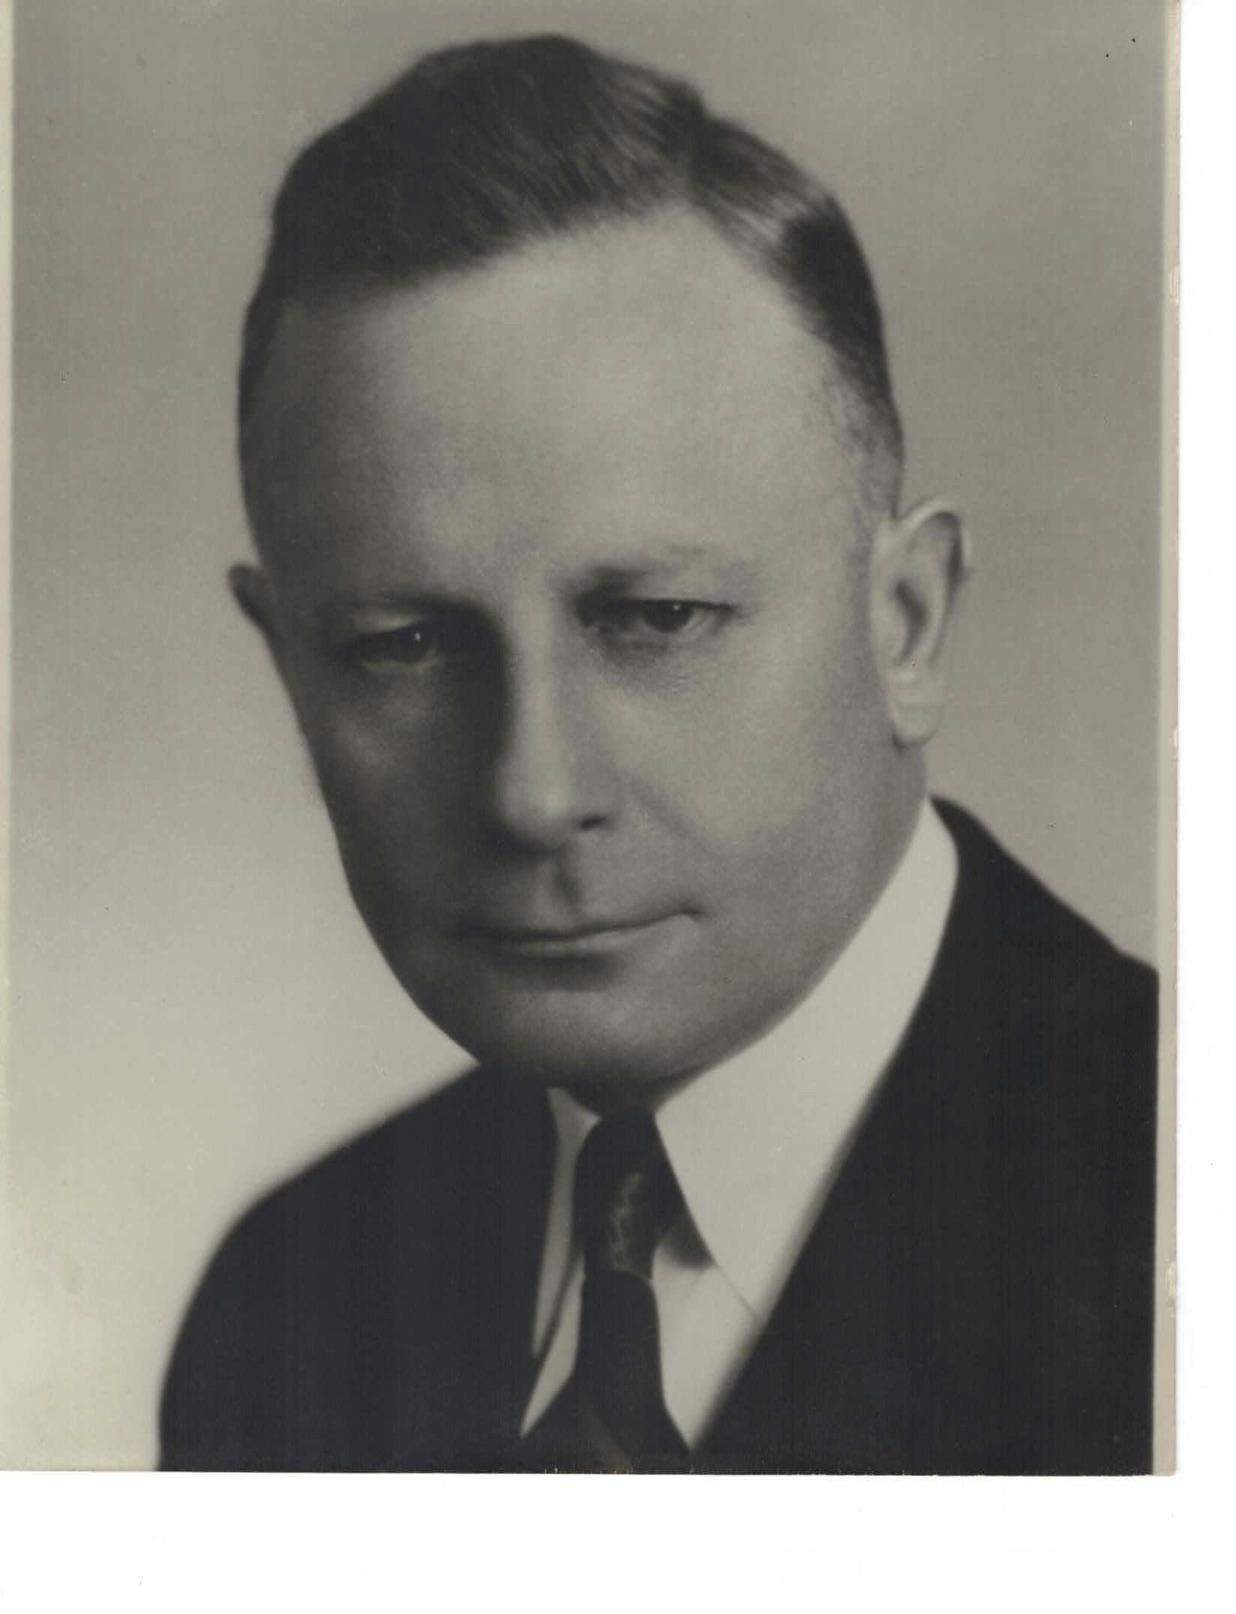 FORD Q. ELVIDGE 1935-36